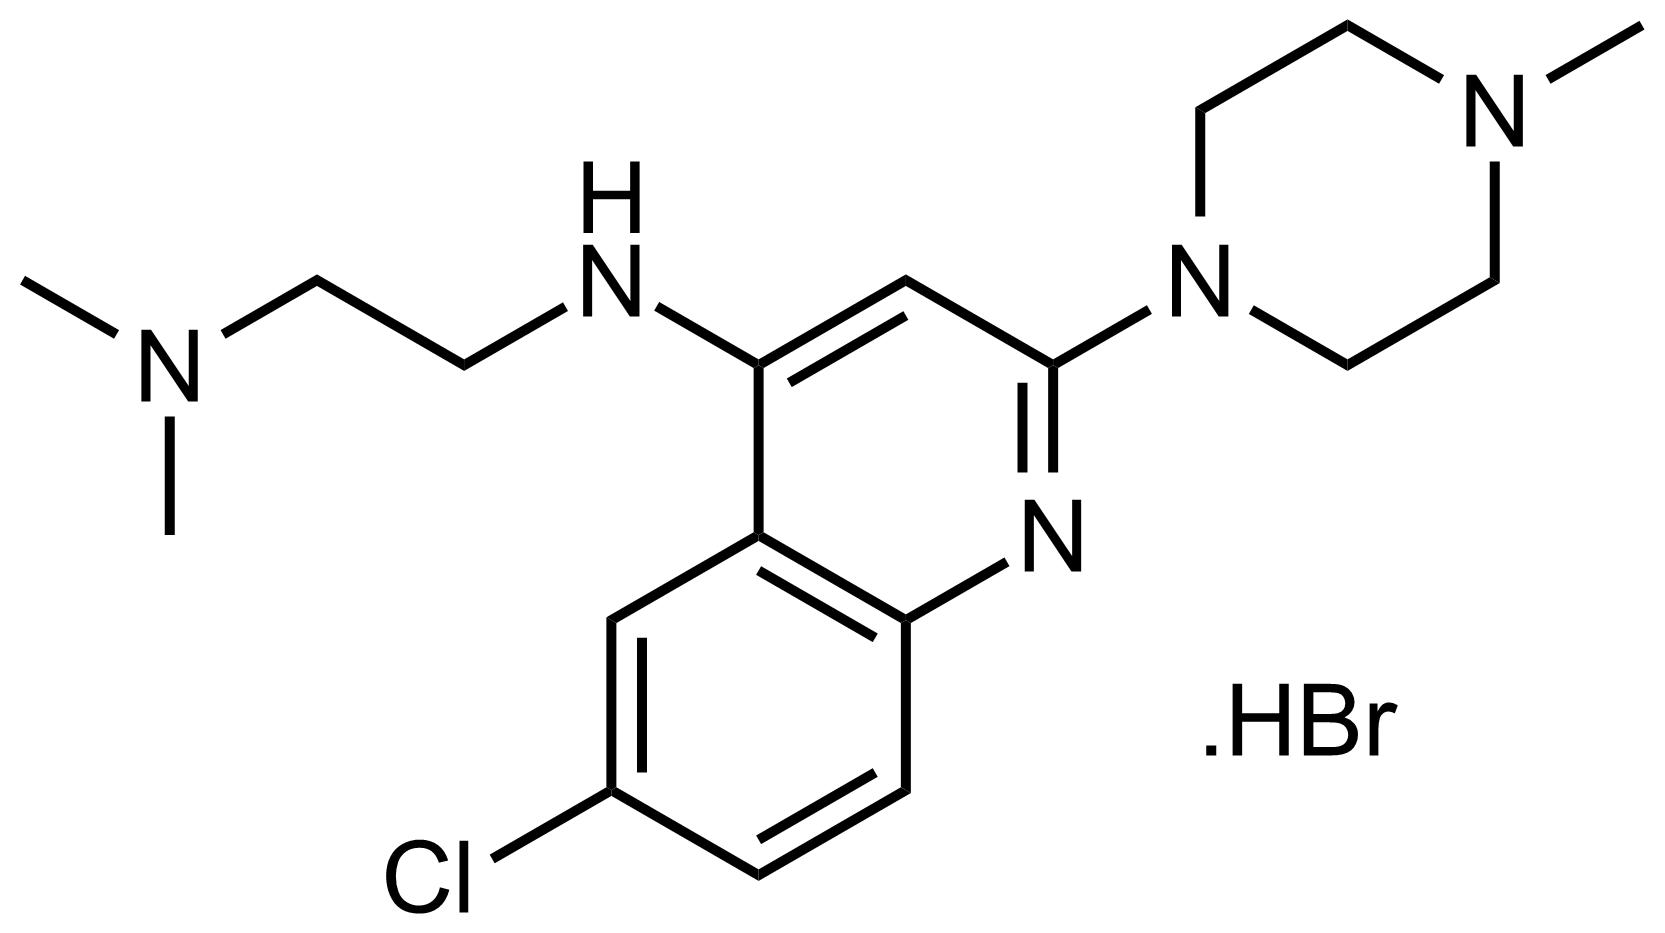 Structure of N'-(6-Chloro-2-(4-methylpiperazin-1-yl)quinolin-4-yl)-N,N-dimethylethane-1,2-diamine hydrobromide